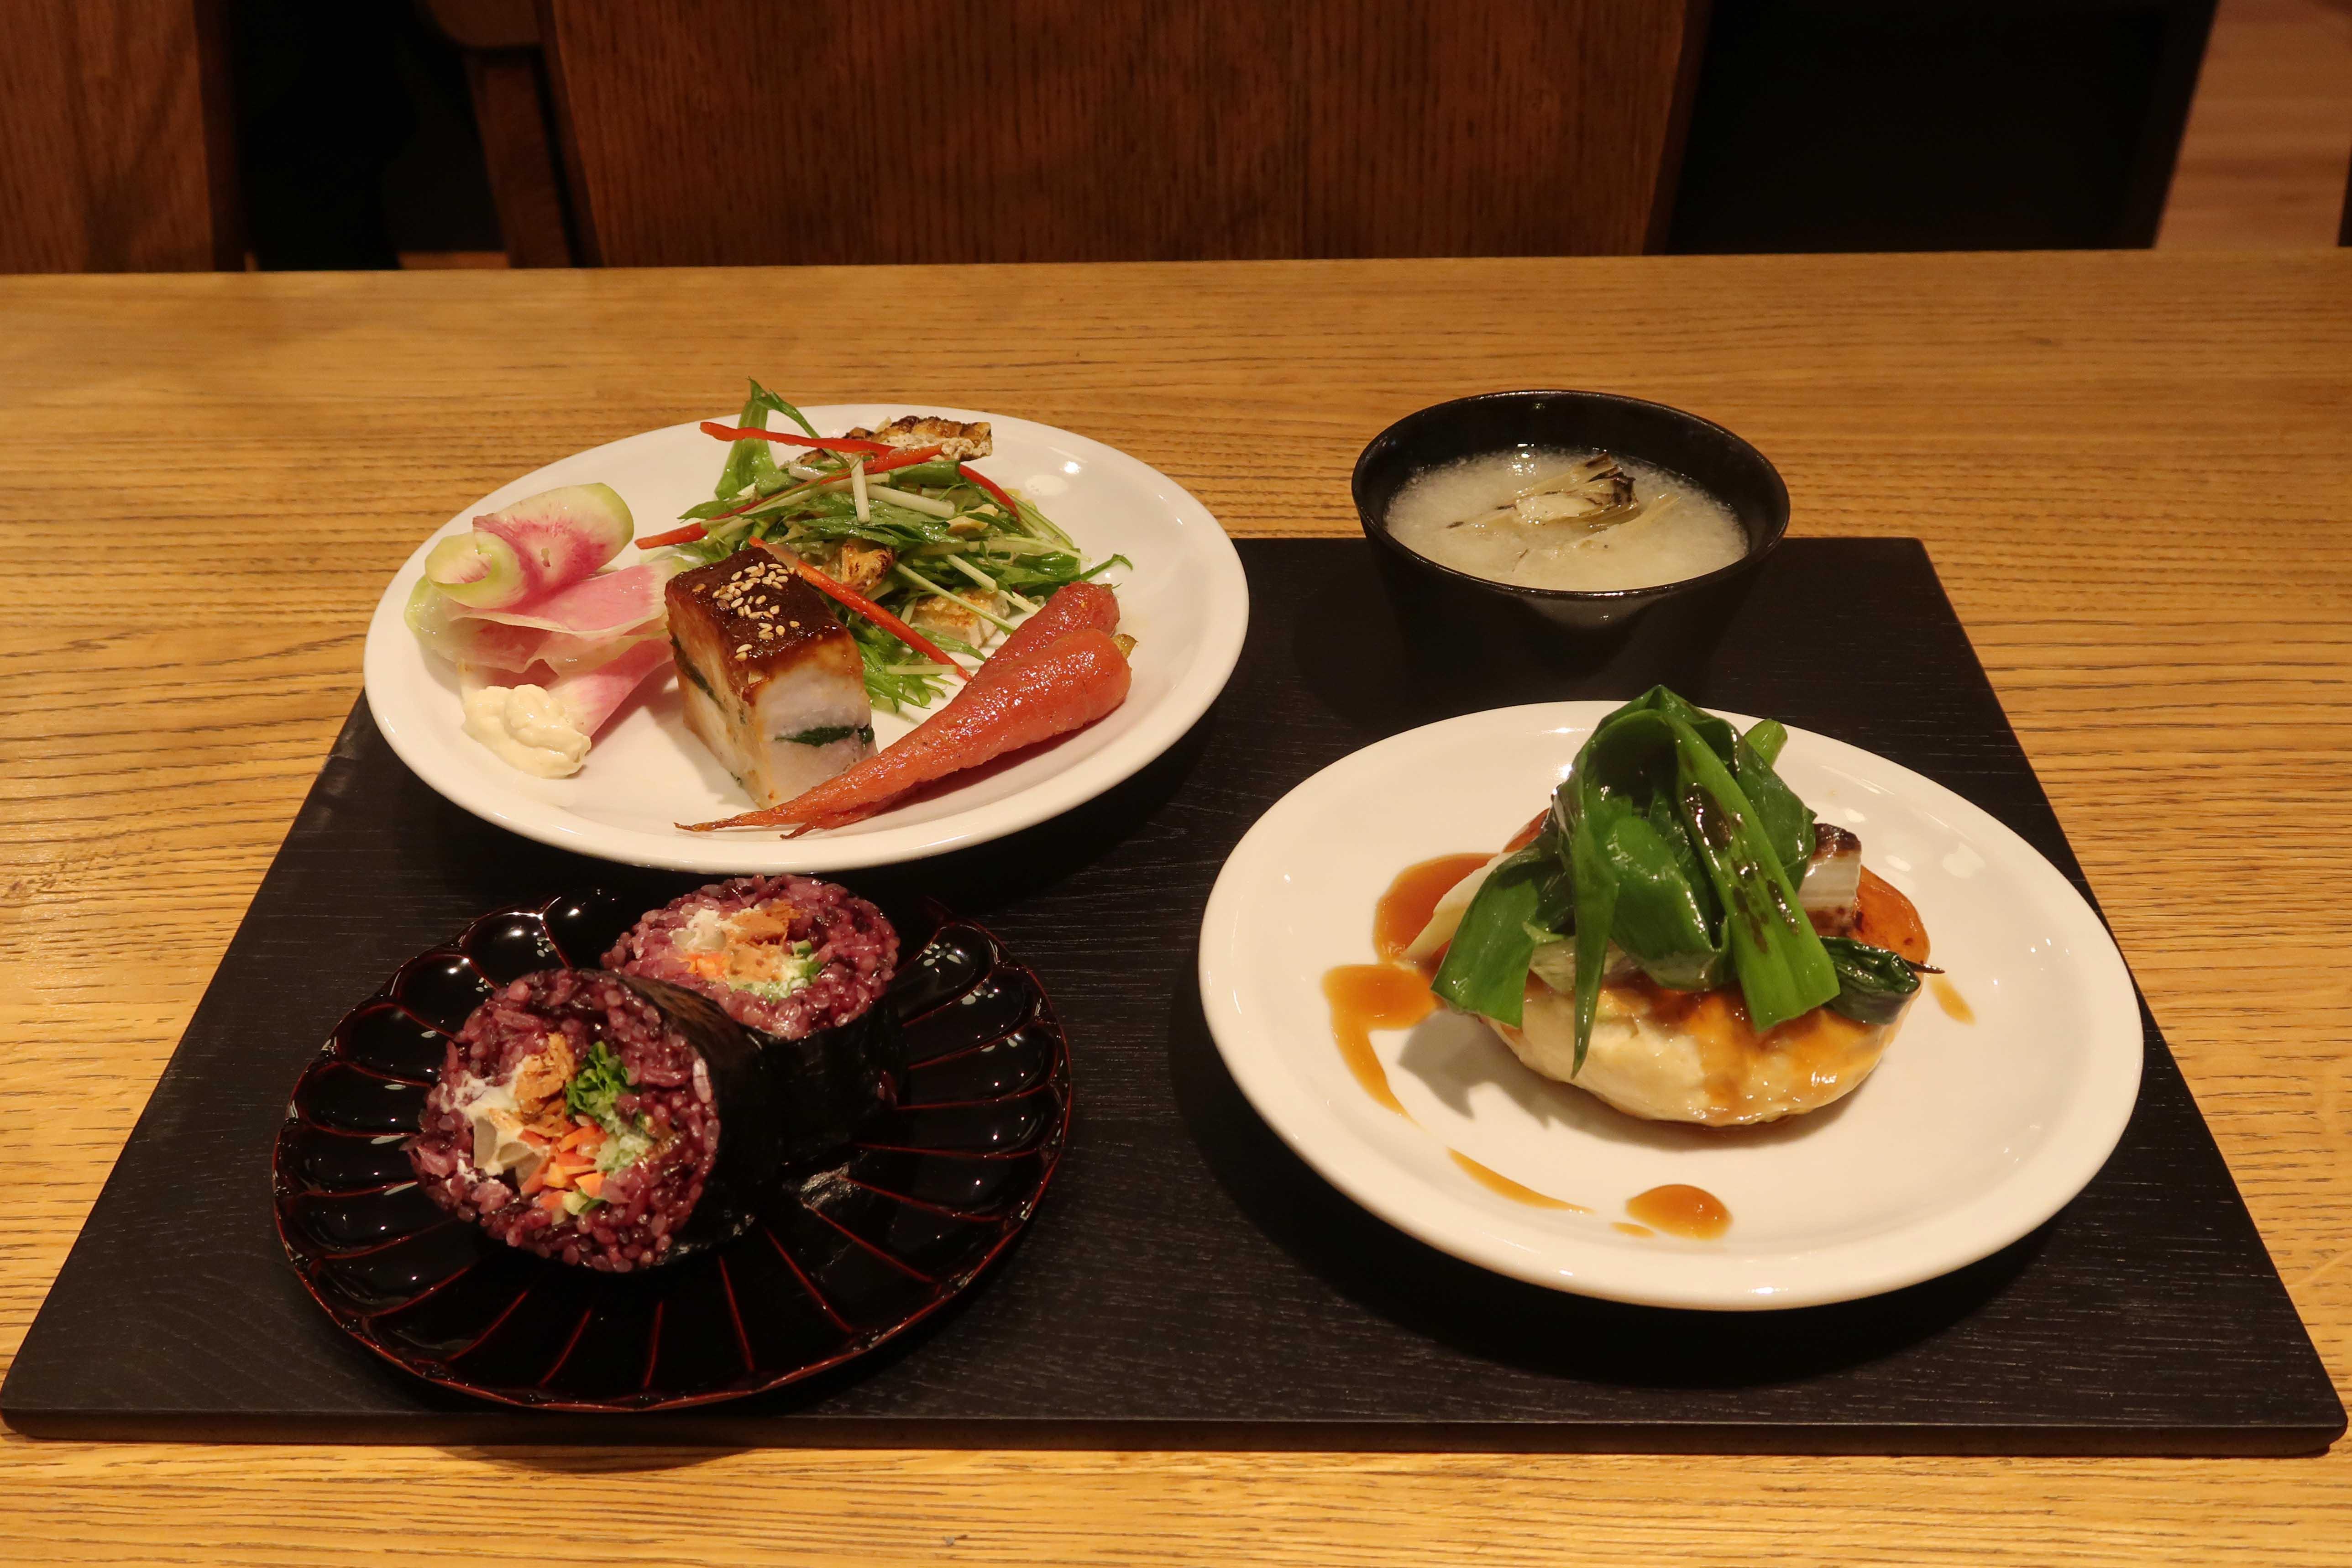 ランチセットメニュー1600円(11:00~LO15:30)。デリは5種から3種、メインは3種から1種、ほか、炊き込みご飯かロール寿司、パンからも1つ選べる